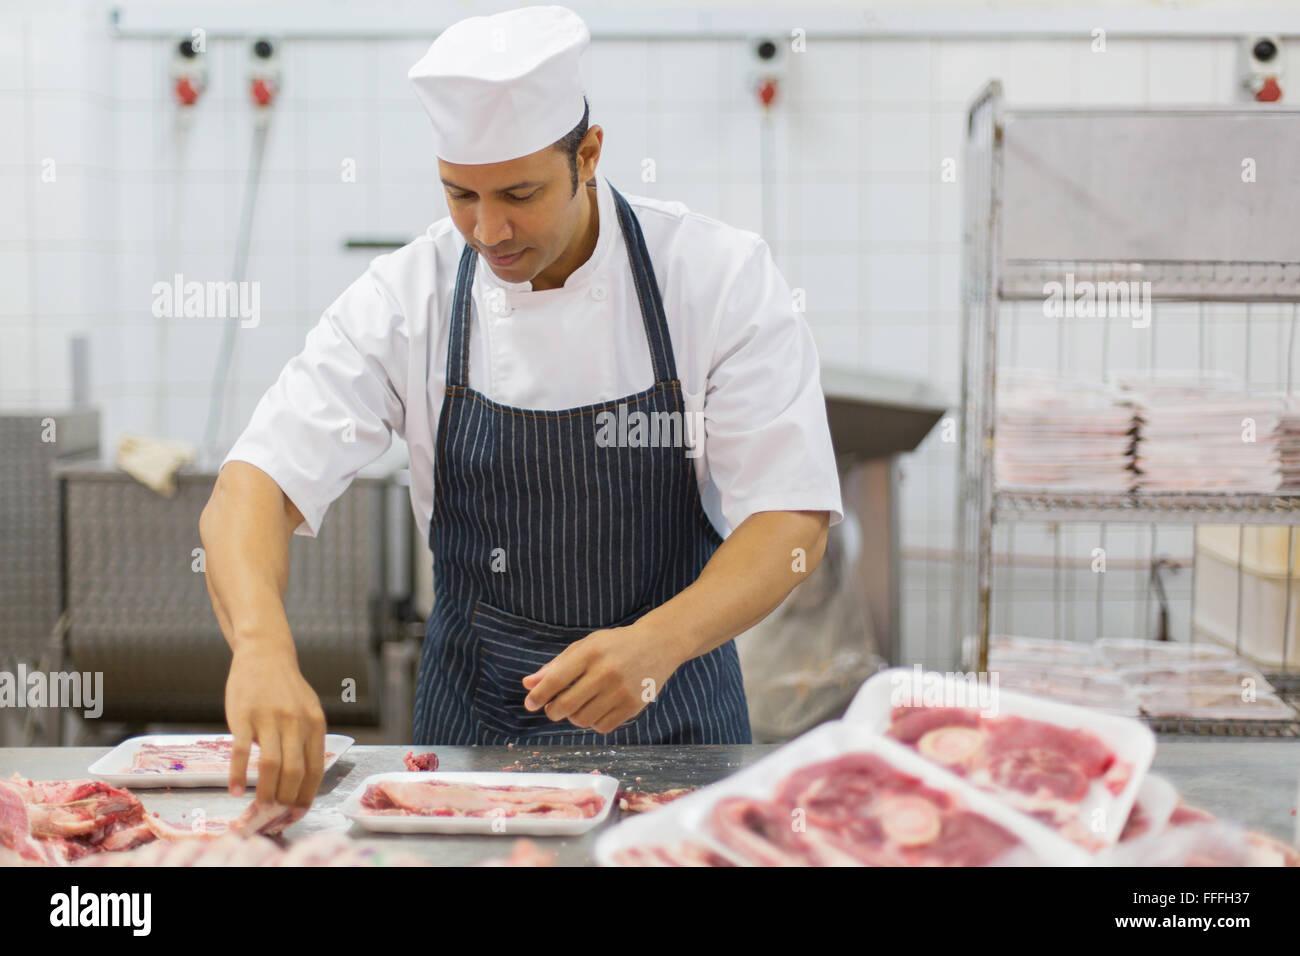 Convaincus de l'âge moyen d'emballage des pièces de viande de boucherie en boucherie Photo Stock